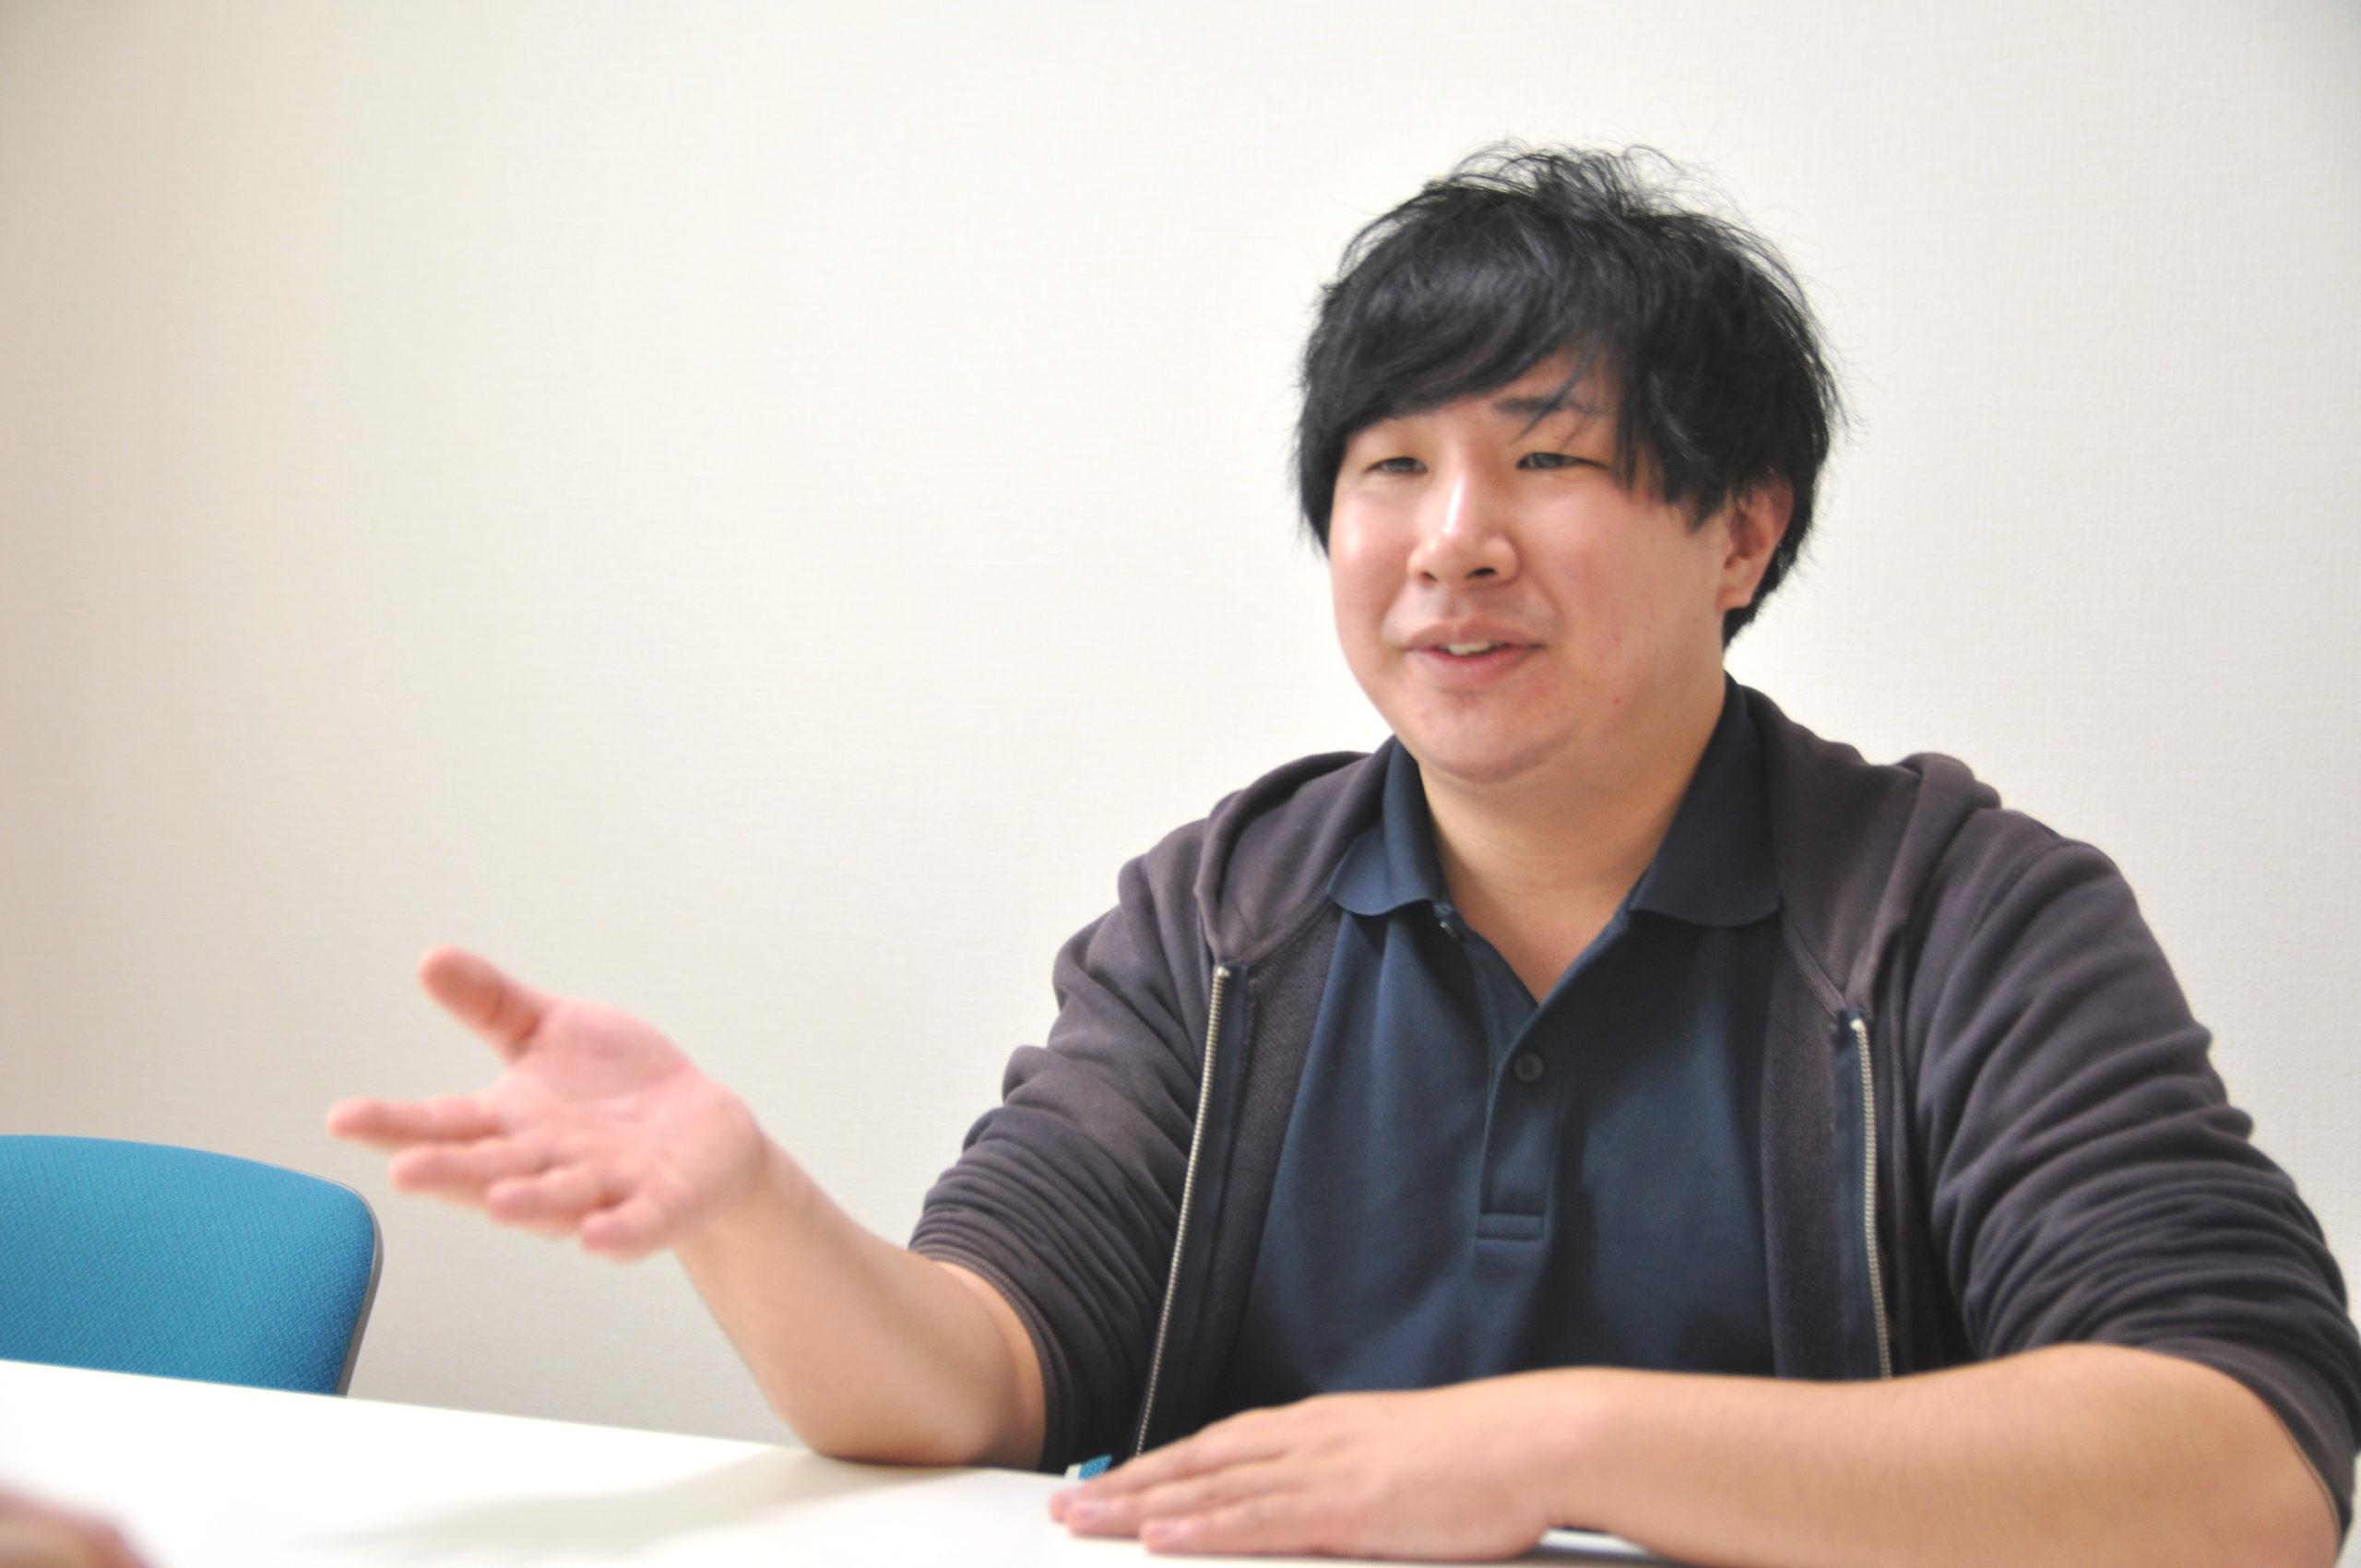 愛・グループホーム幸<br>管理者 清宮 さん イメージ